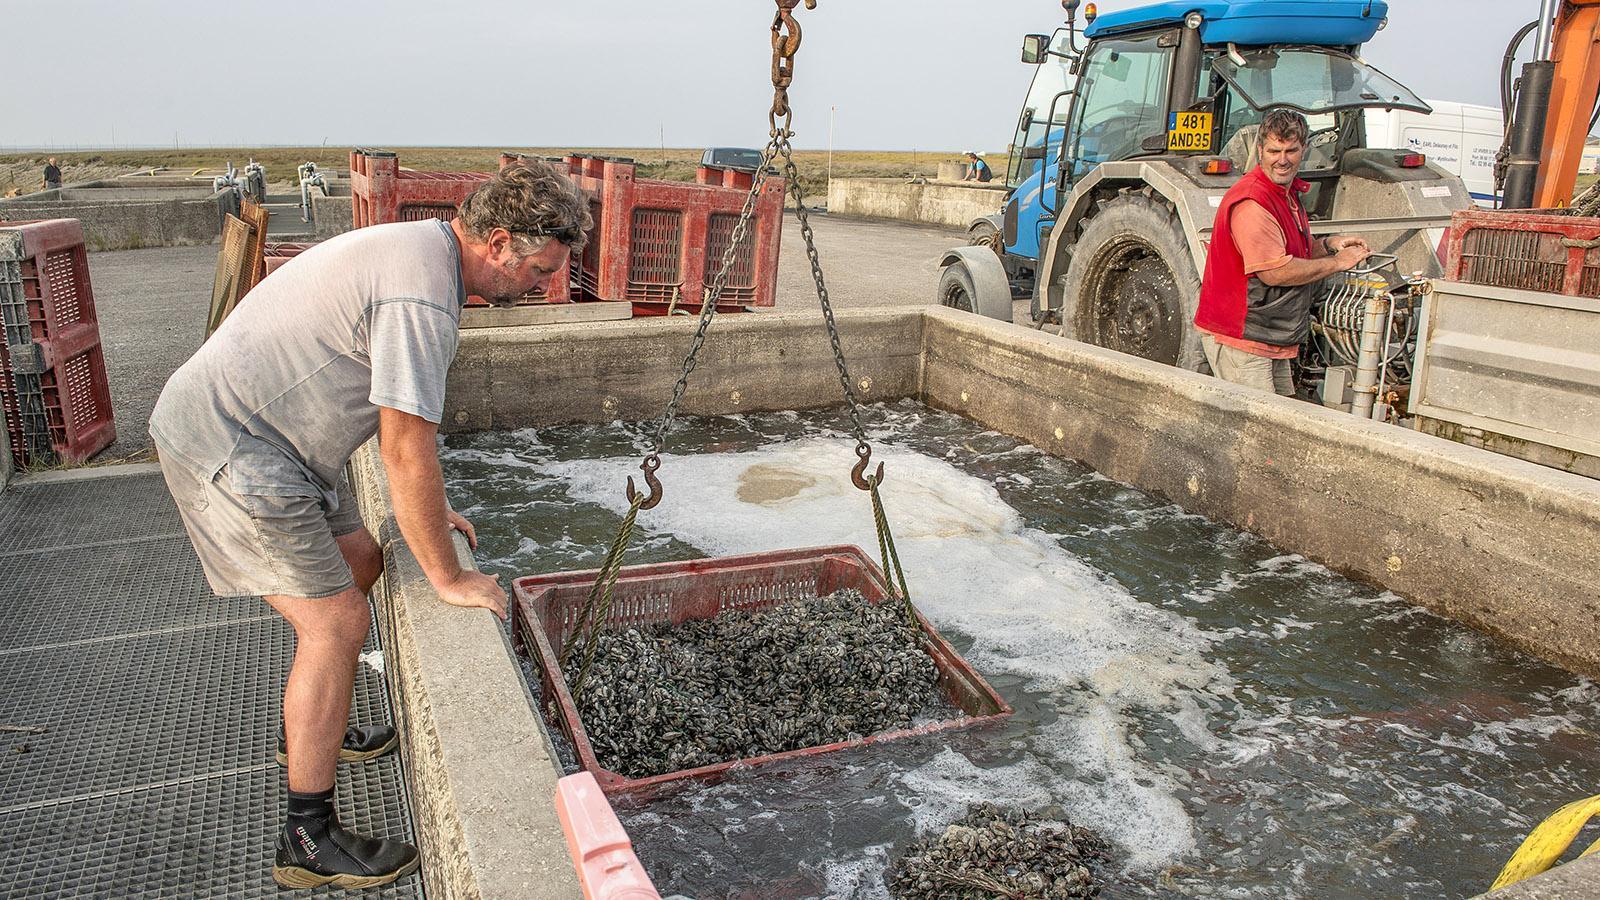 Moules de Bouchot: Die Miesmuscheln werden in verschiedenen Becken mit Süßwasser gespült. Foto: Hilke Maunder